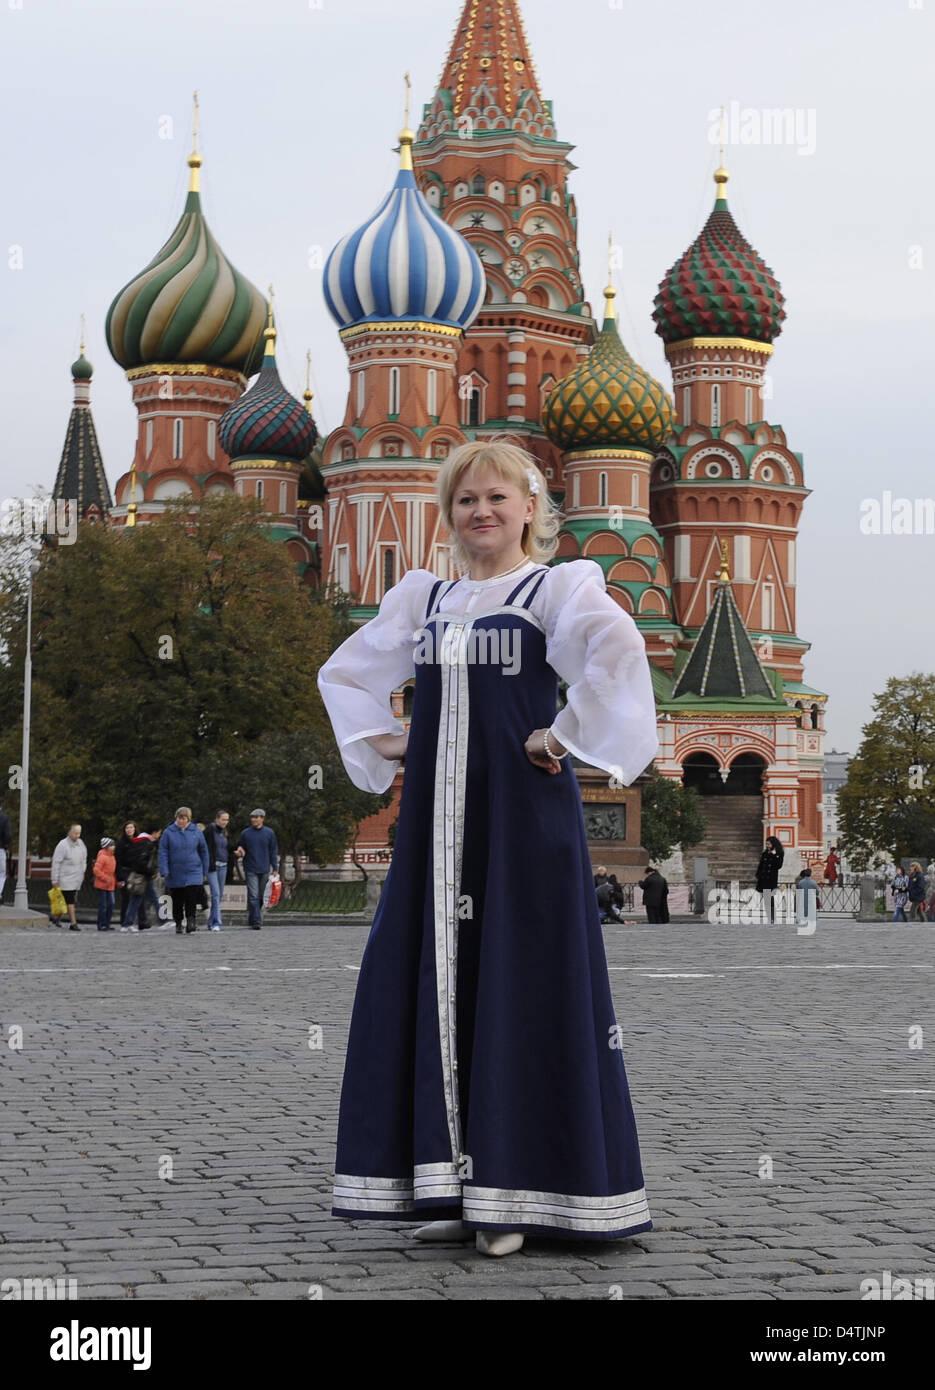 Eine Folklore Sangerin In Traditionelle Russische Kleidung Posen Vor